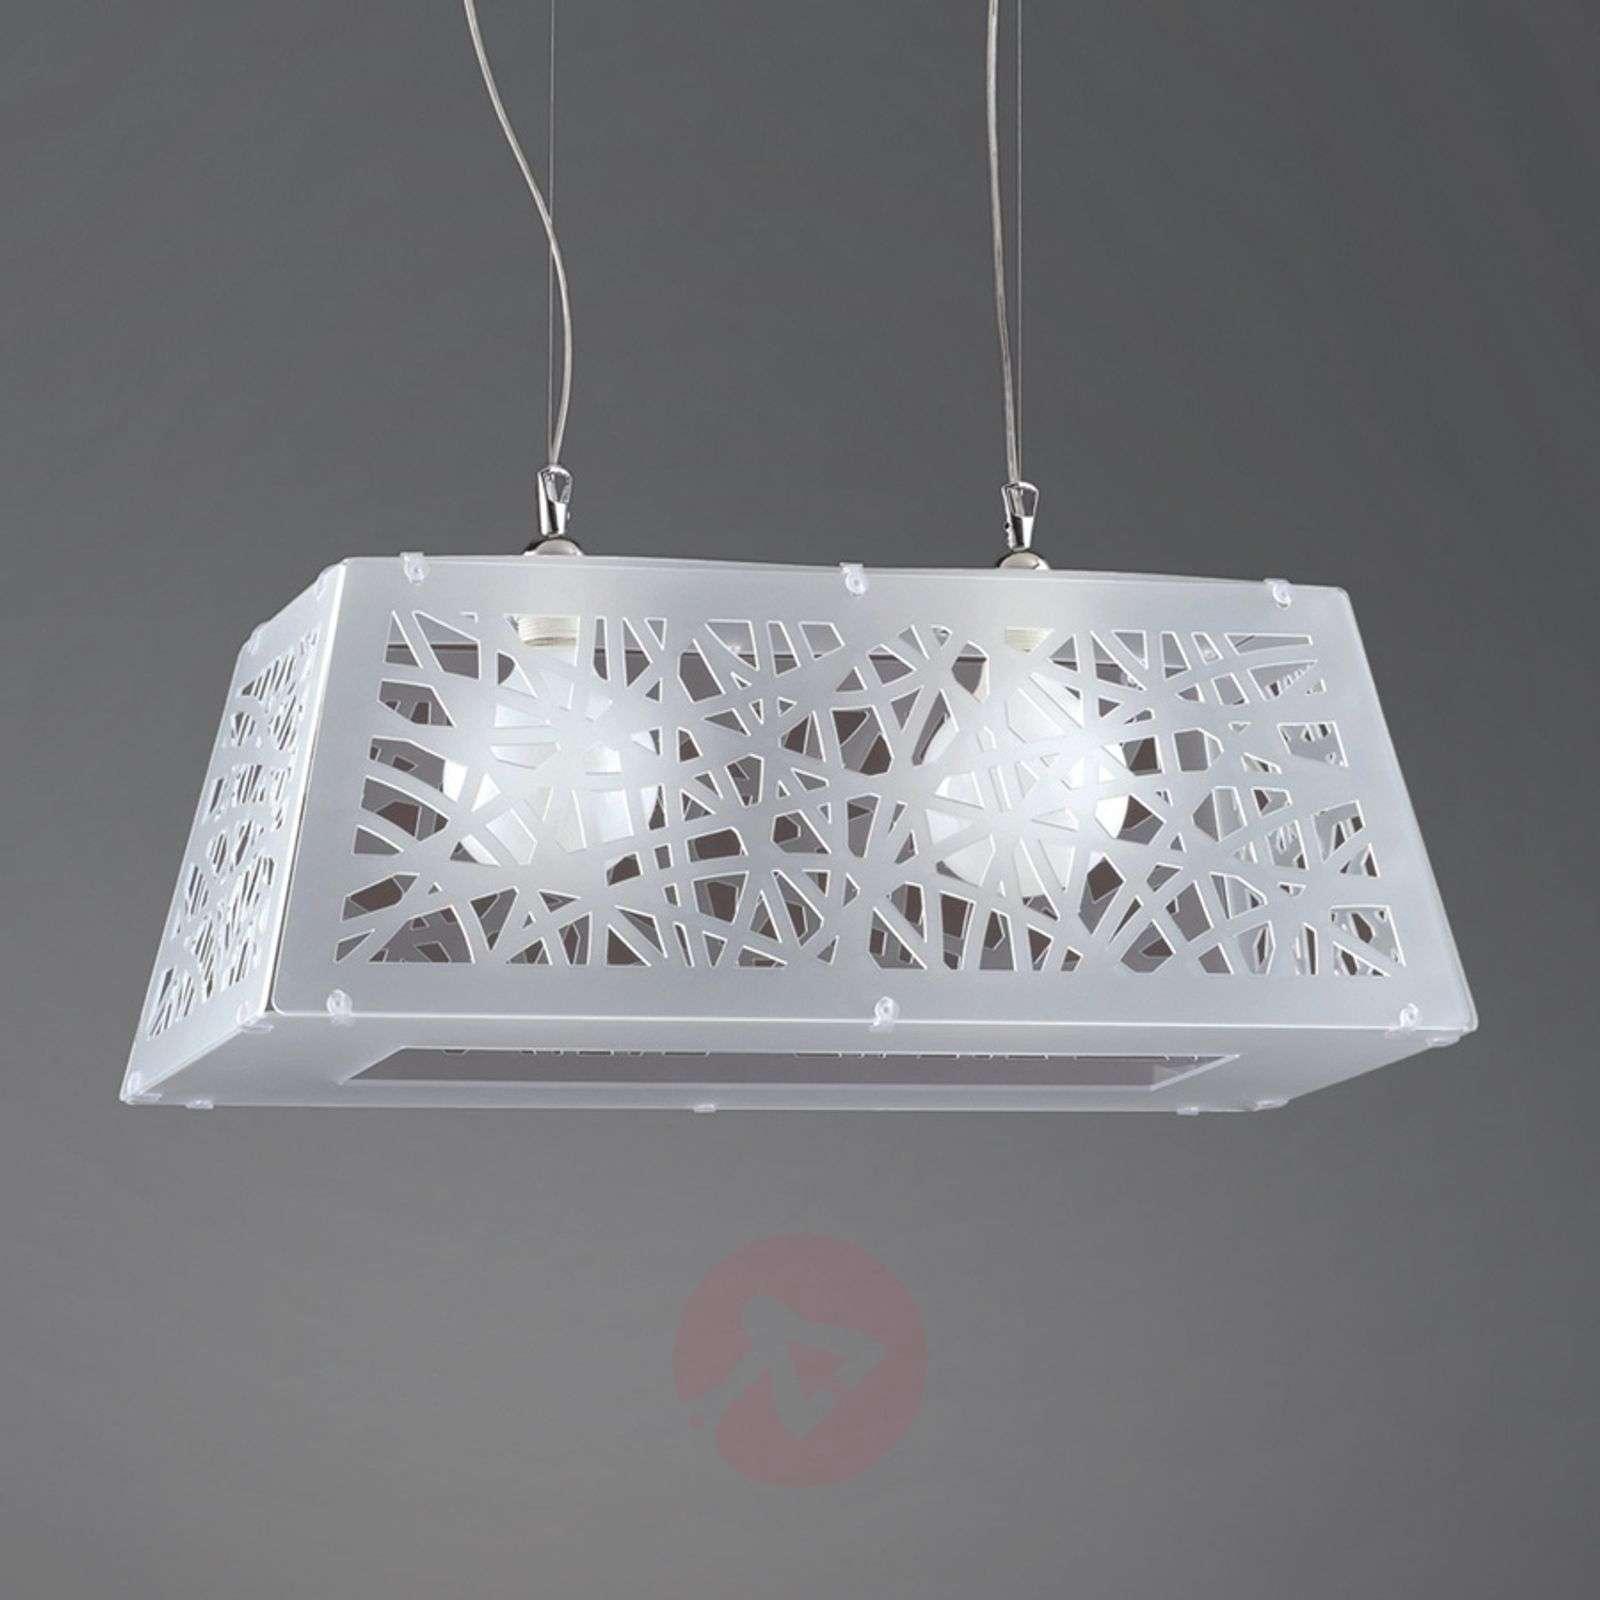 Star modern hanging light for various rooms, white-1056031-01